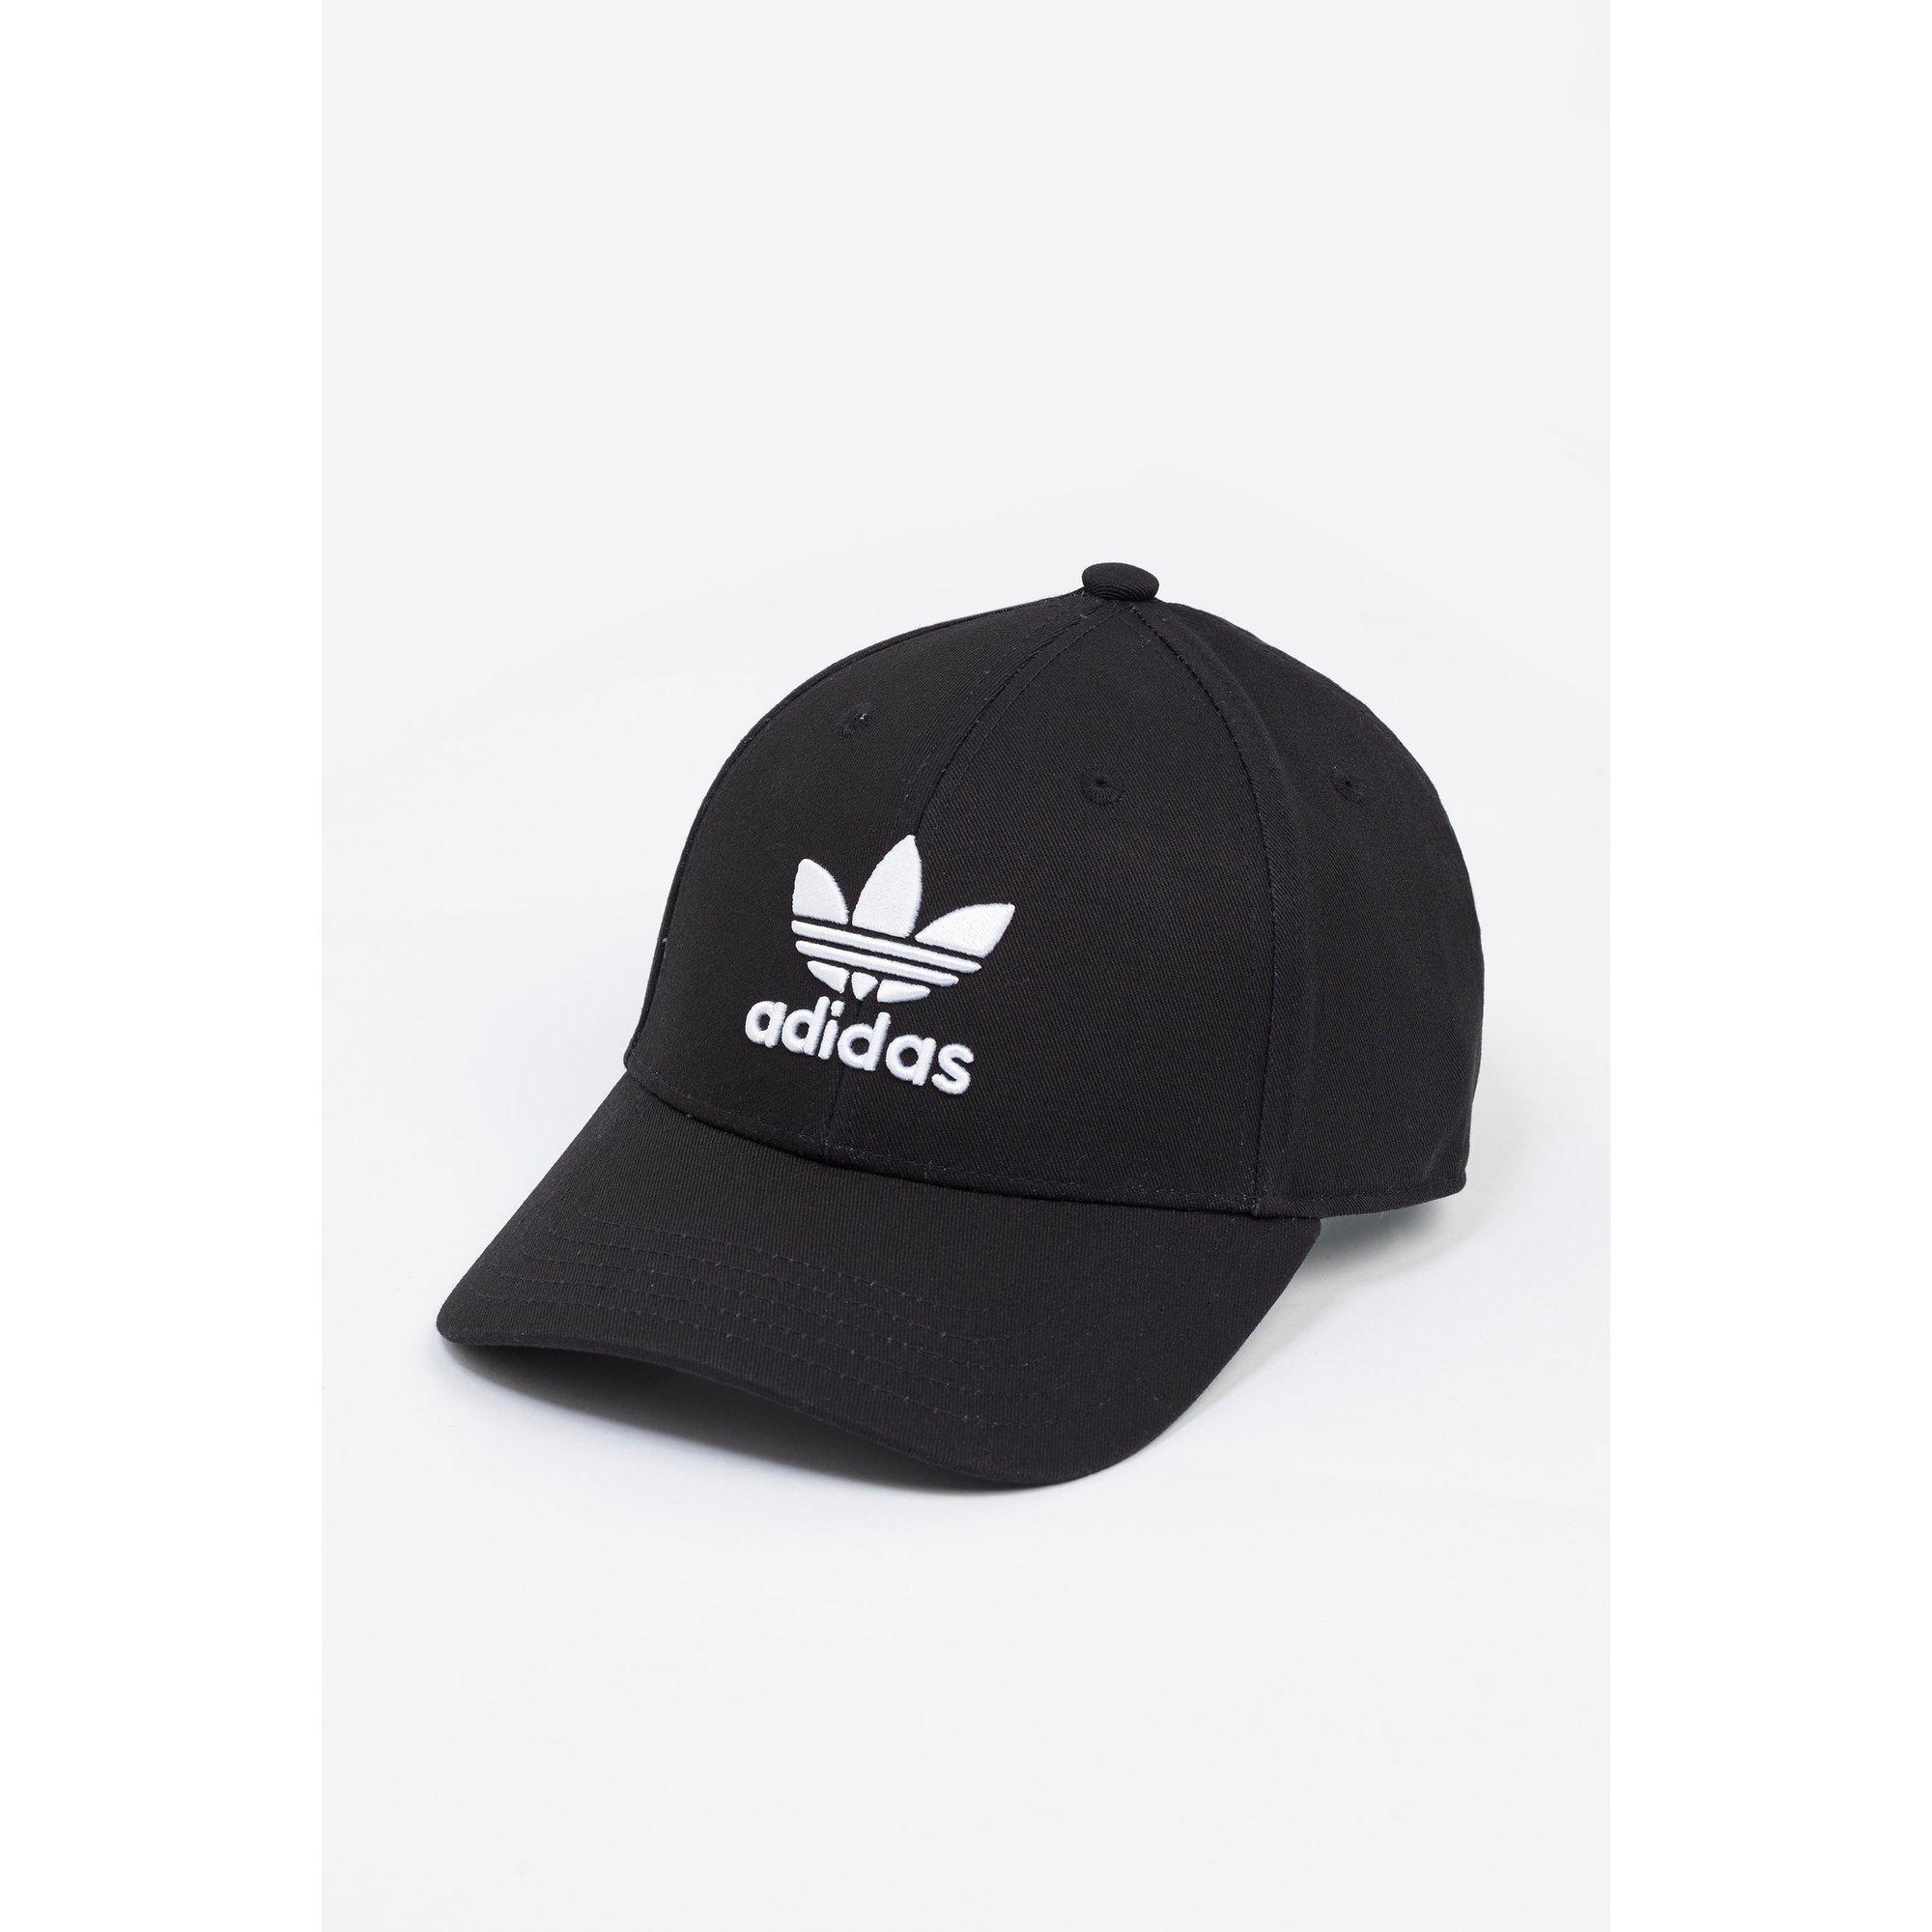 Image of adidas Originals Trefoil Cap